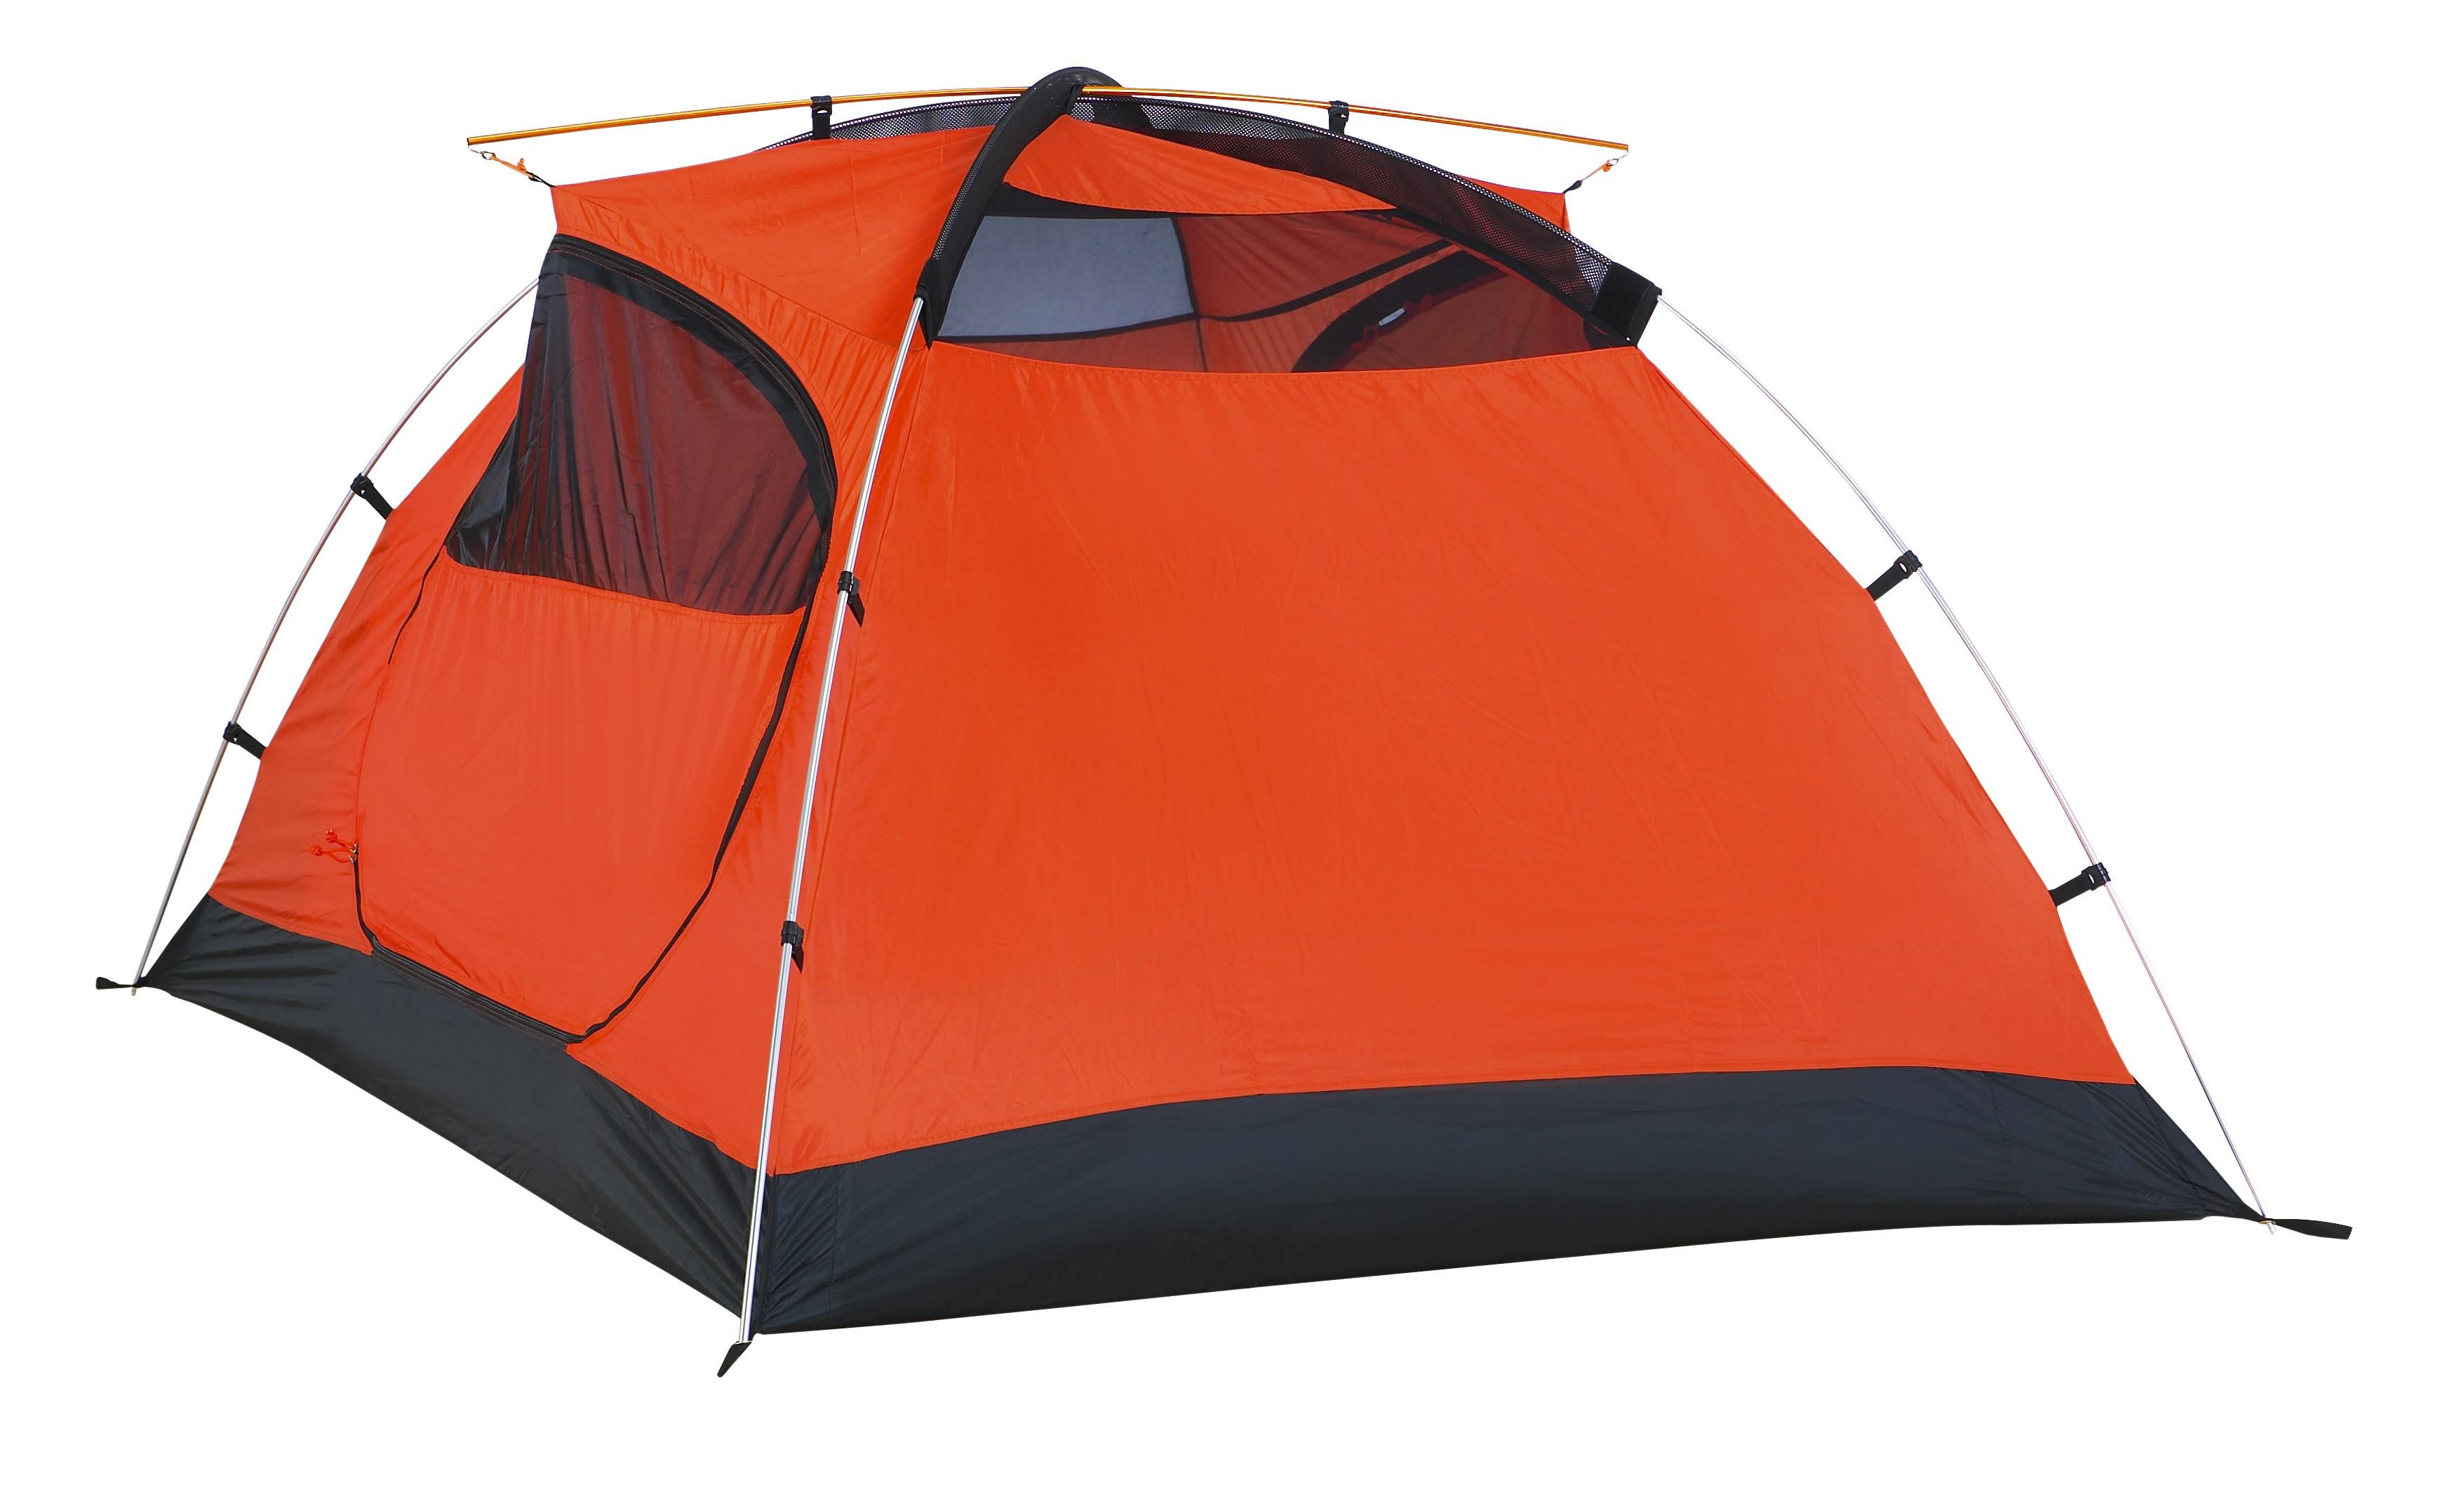 sc 1 st  Outdoor Megastore & Jamet Equinox 4000 Mountain Tent